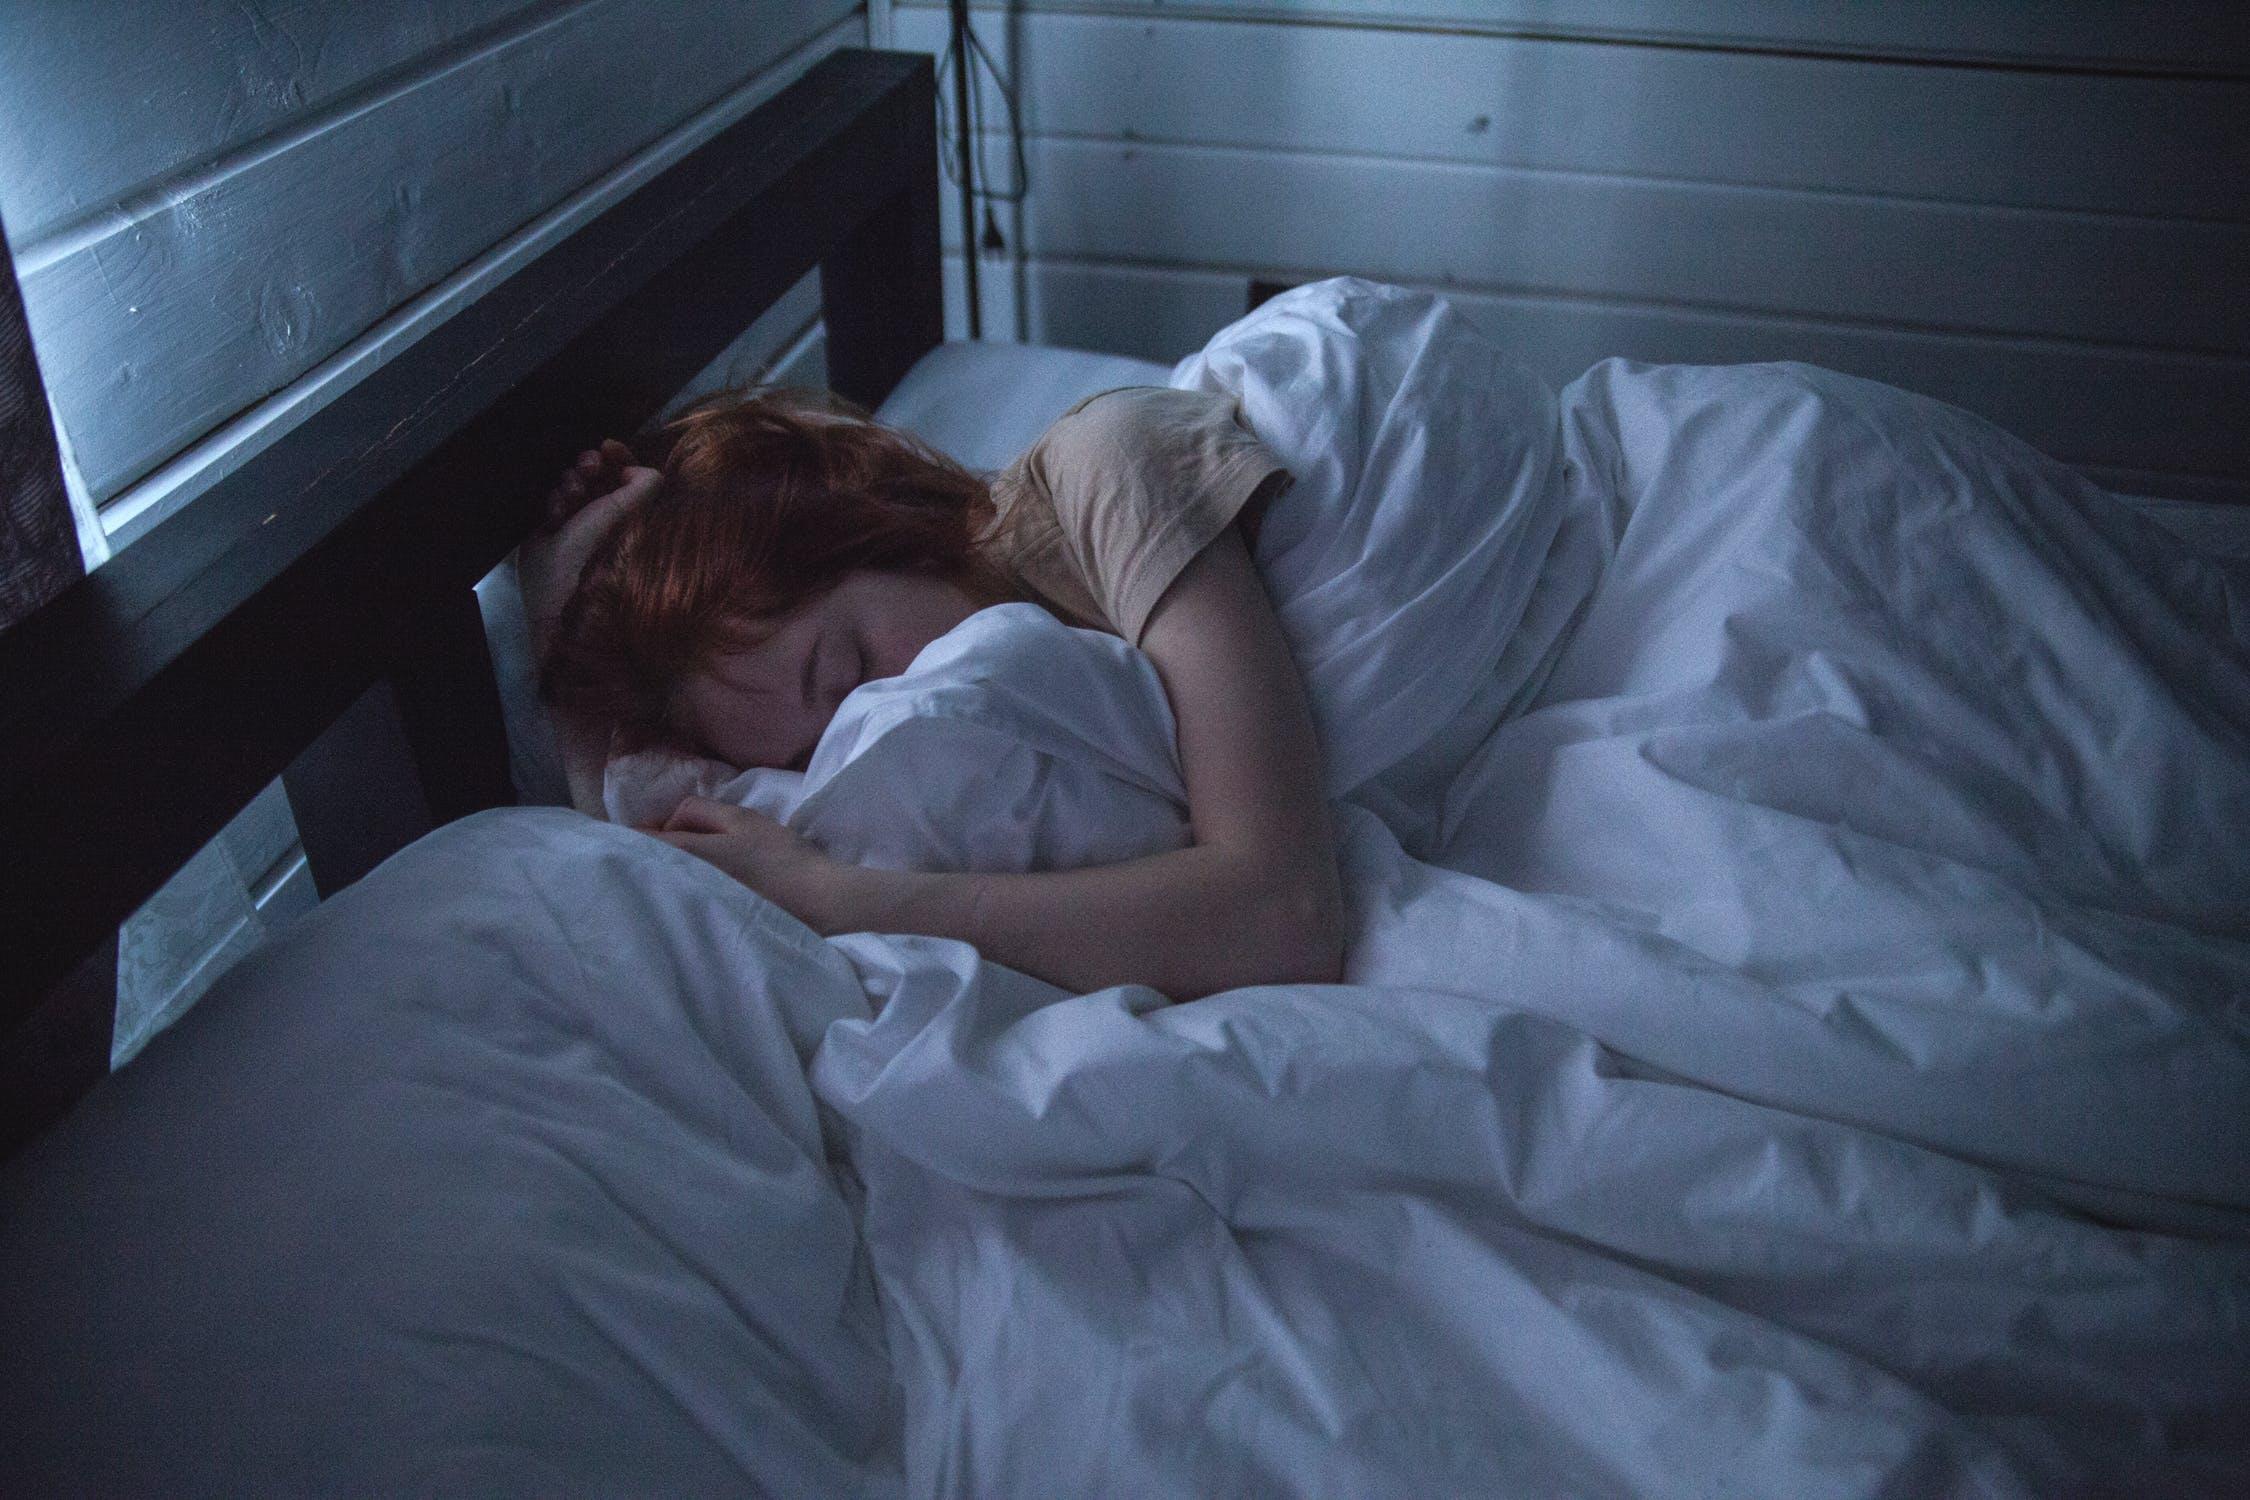 sommeil difficile nuit agitée